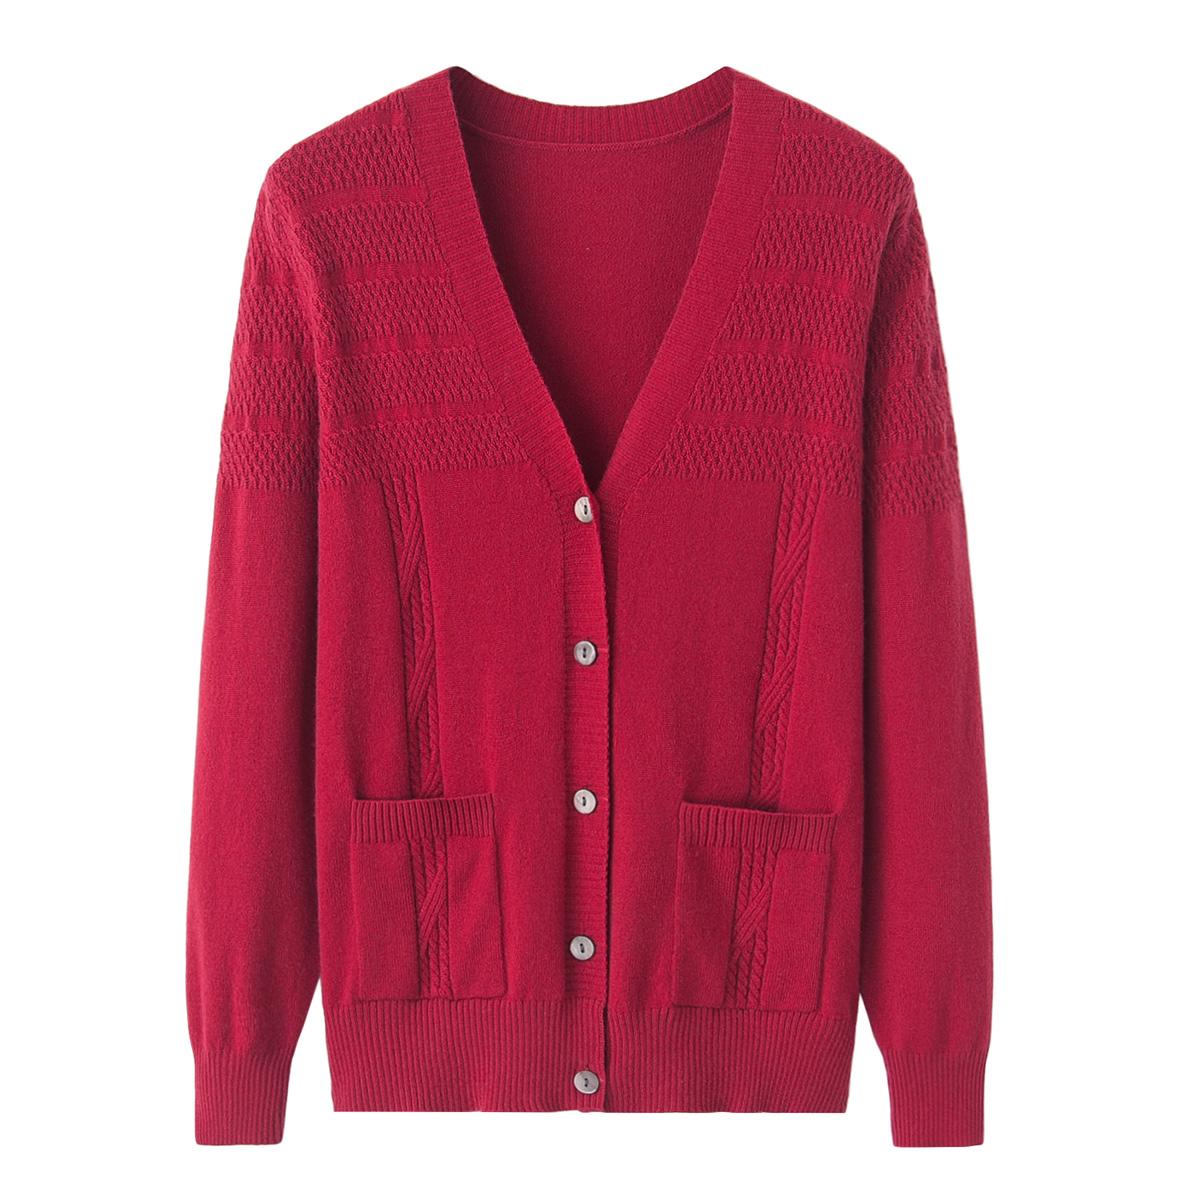 兴绒早秋新纯色羊绒衫女式V领绞花对襟开衫口袋针织宽松毛衣外套